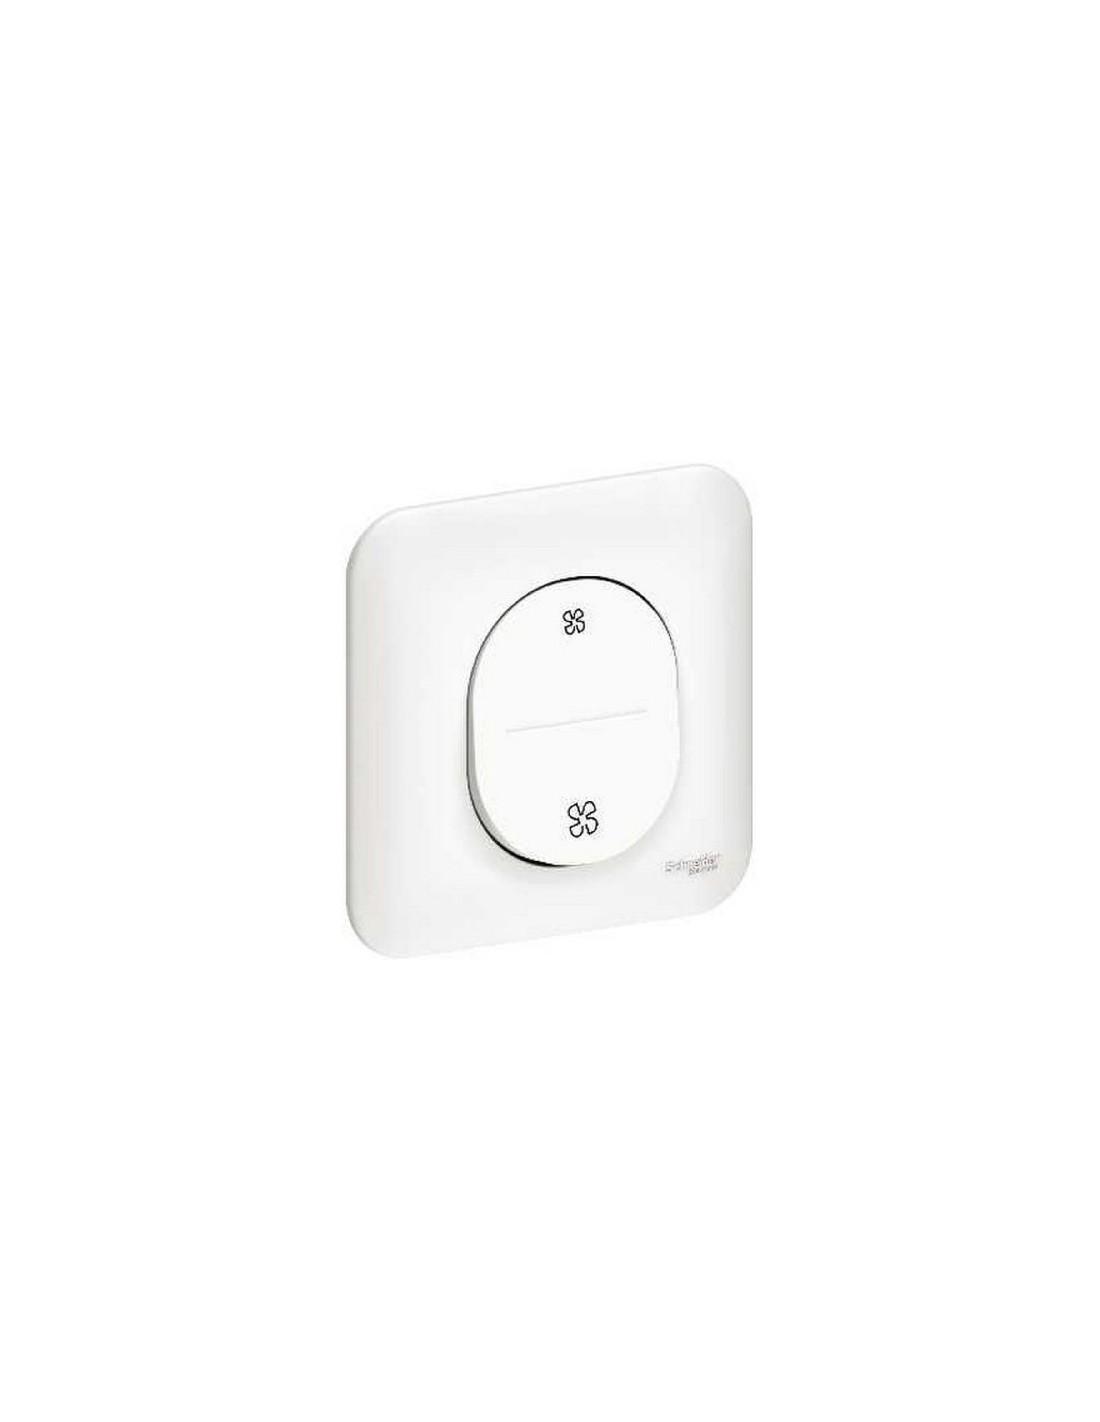 ovalis interrupteur pour vmc 2 vitesses sans arr t. Black Bedroom Furniture Sets. Home Design Ideas